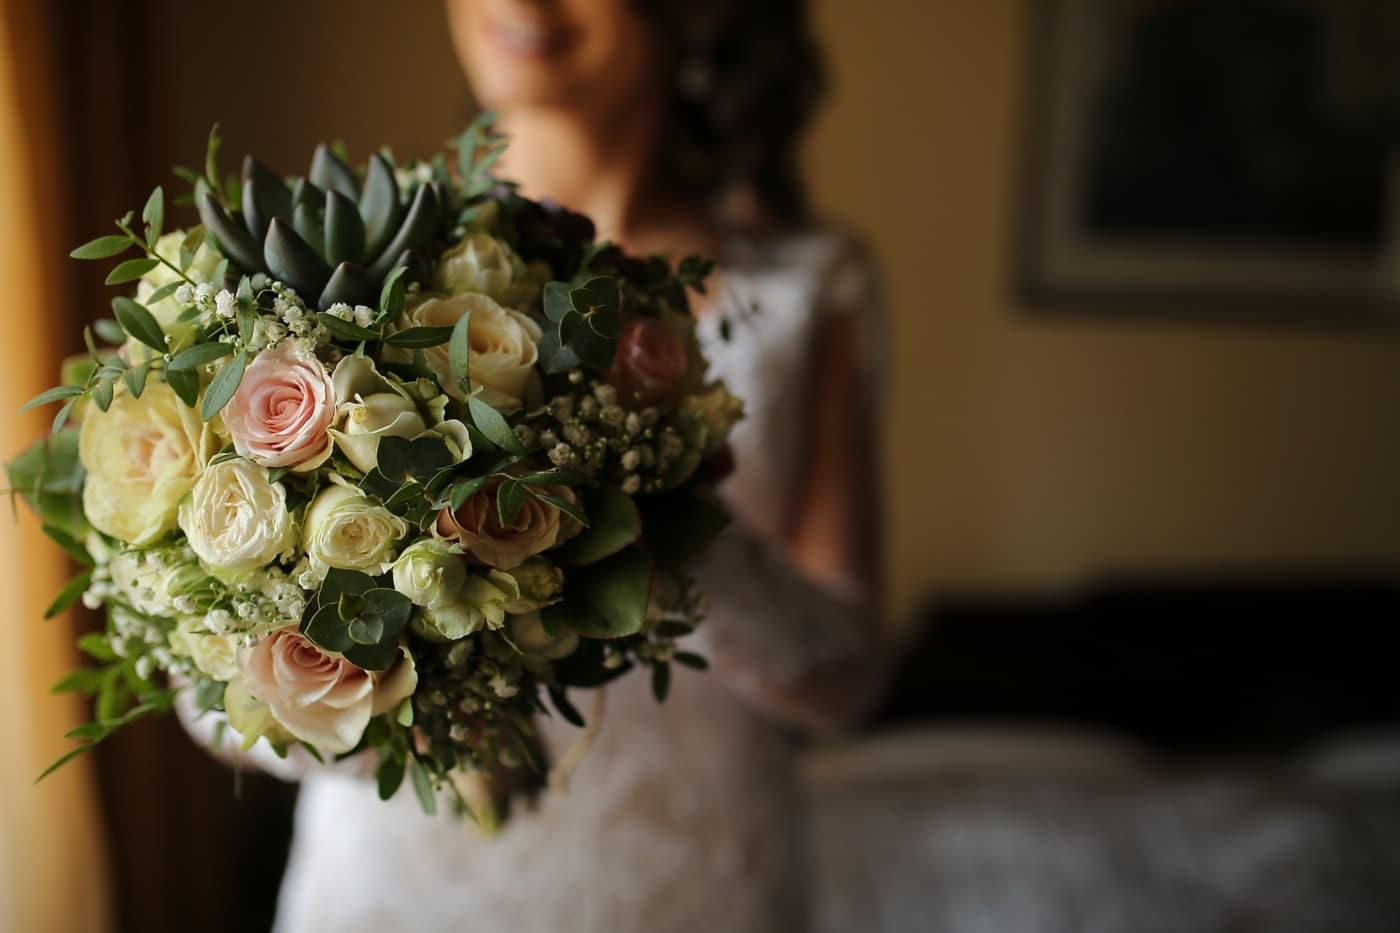 bruid, bedrijf, bruidsboeket, regeling, bloem, bruiloft, boeket, steeg, liefde, decoratie